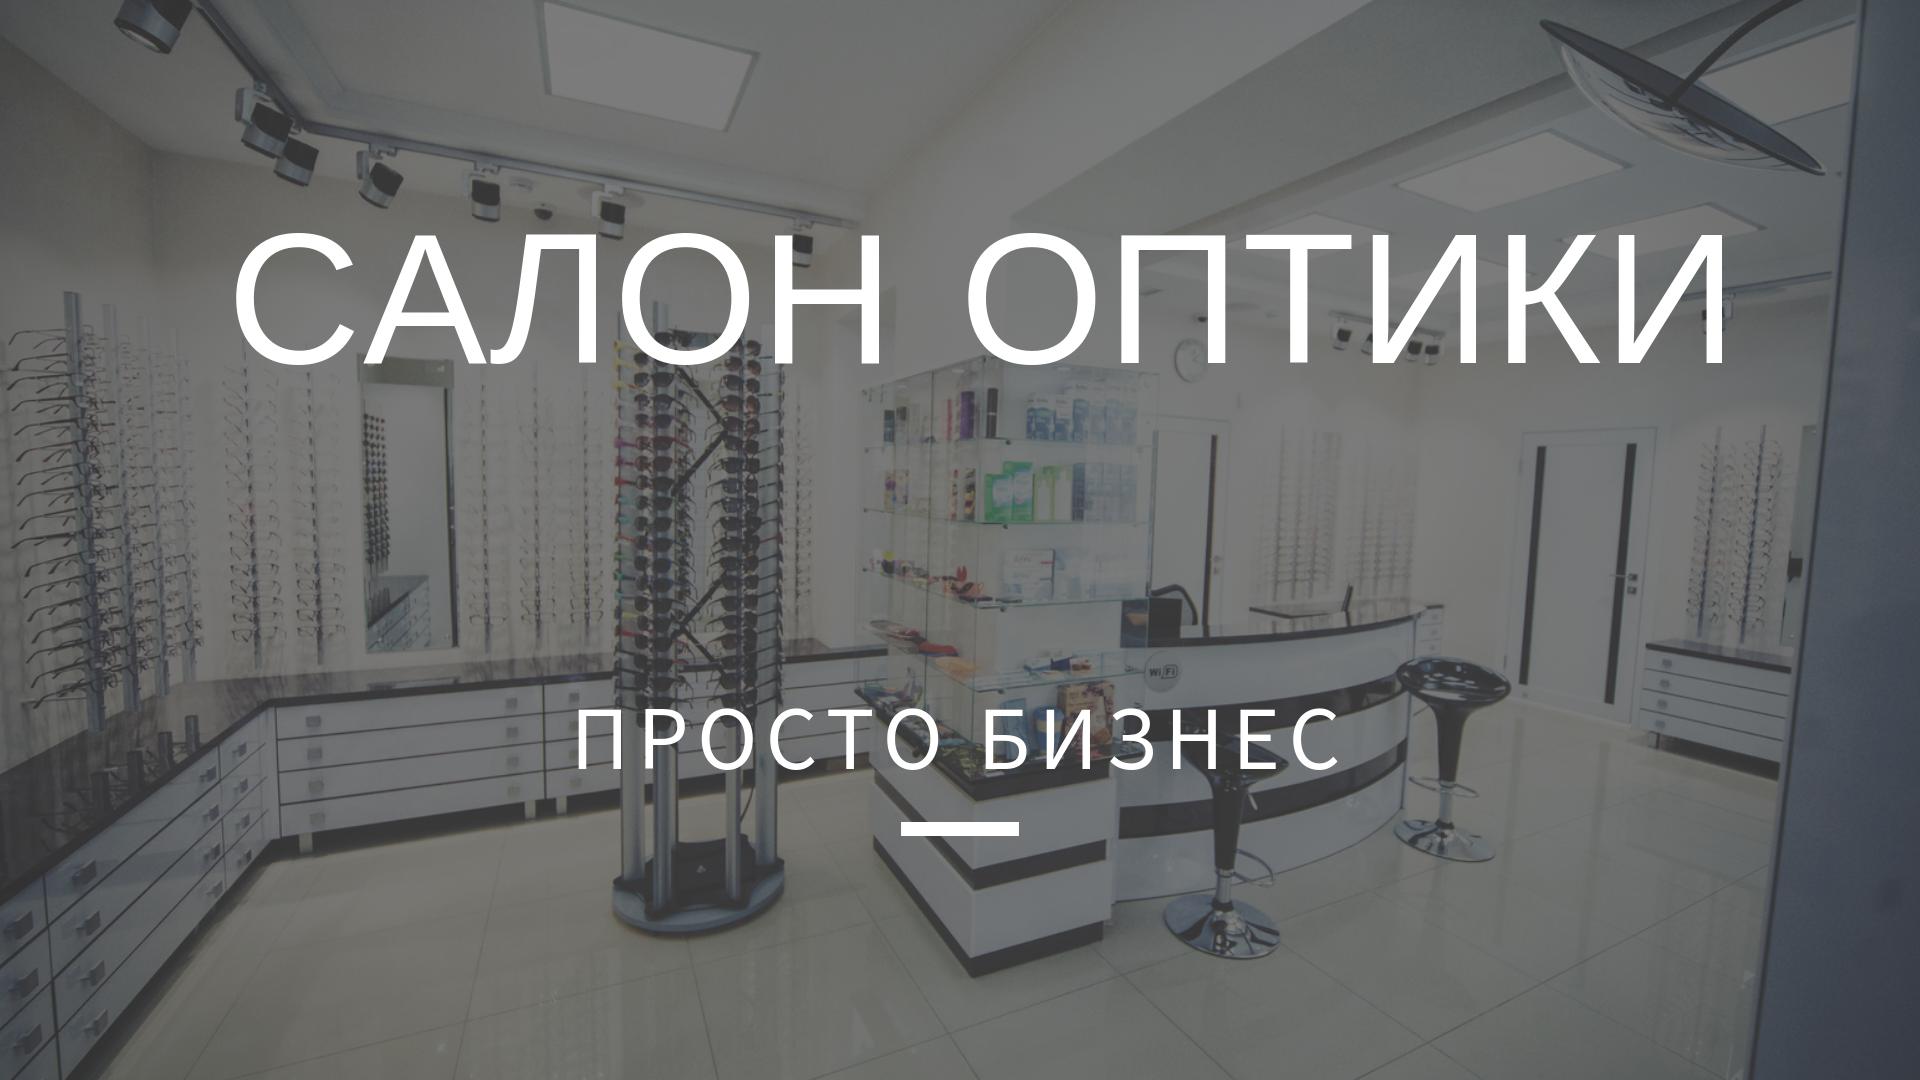 Оптика открыть свой бизнес организационная структура бизнес план